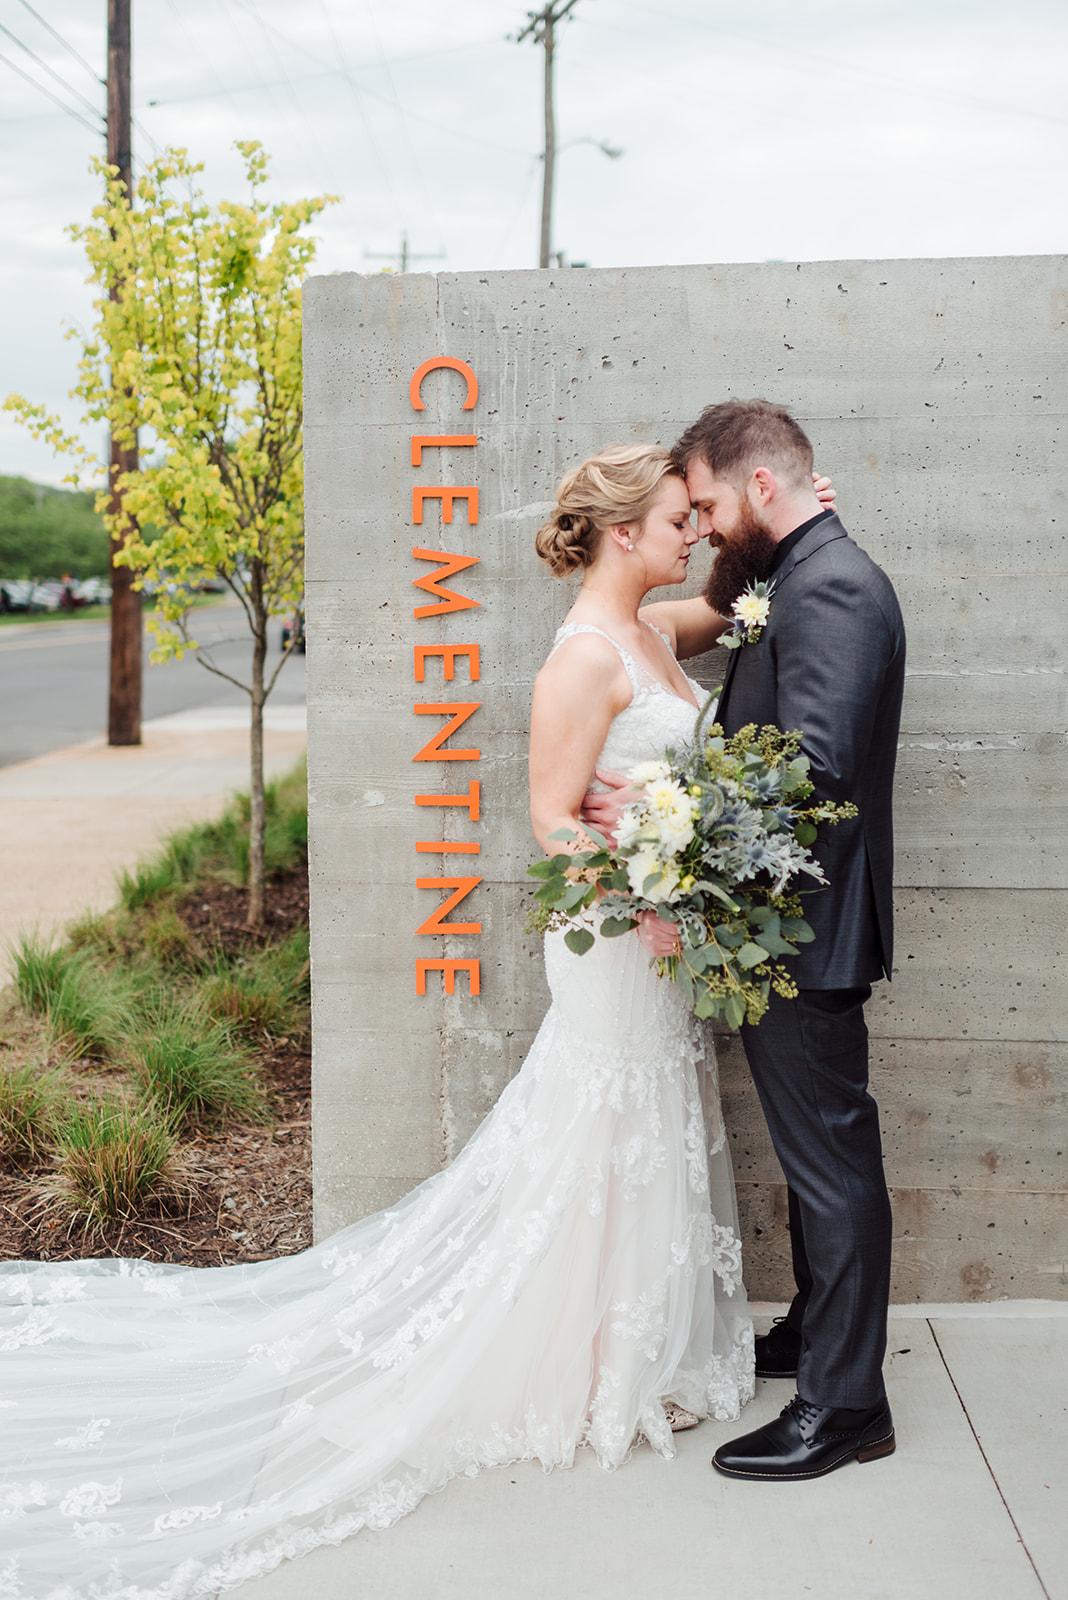 Clementine Nashville: Nashville wedding at Clementine featured on Nashville Bride Guide